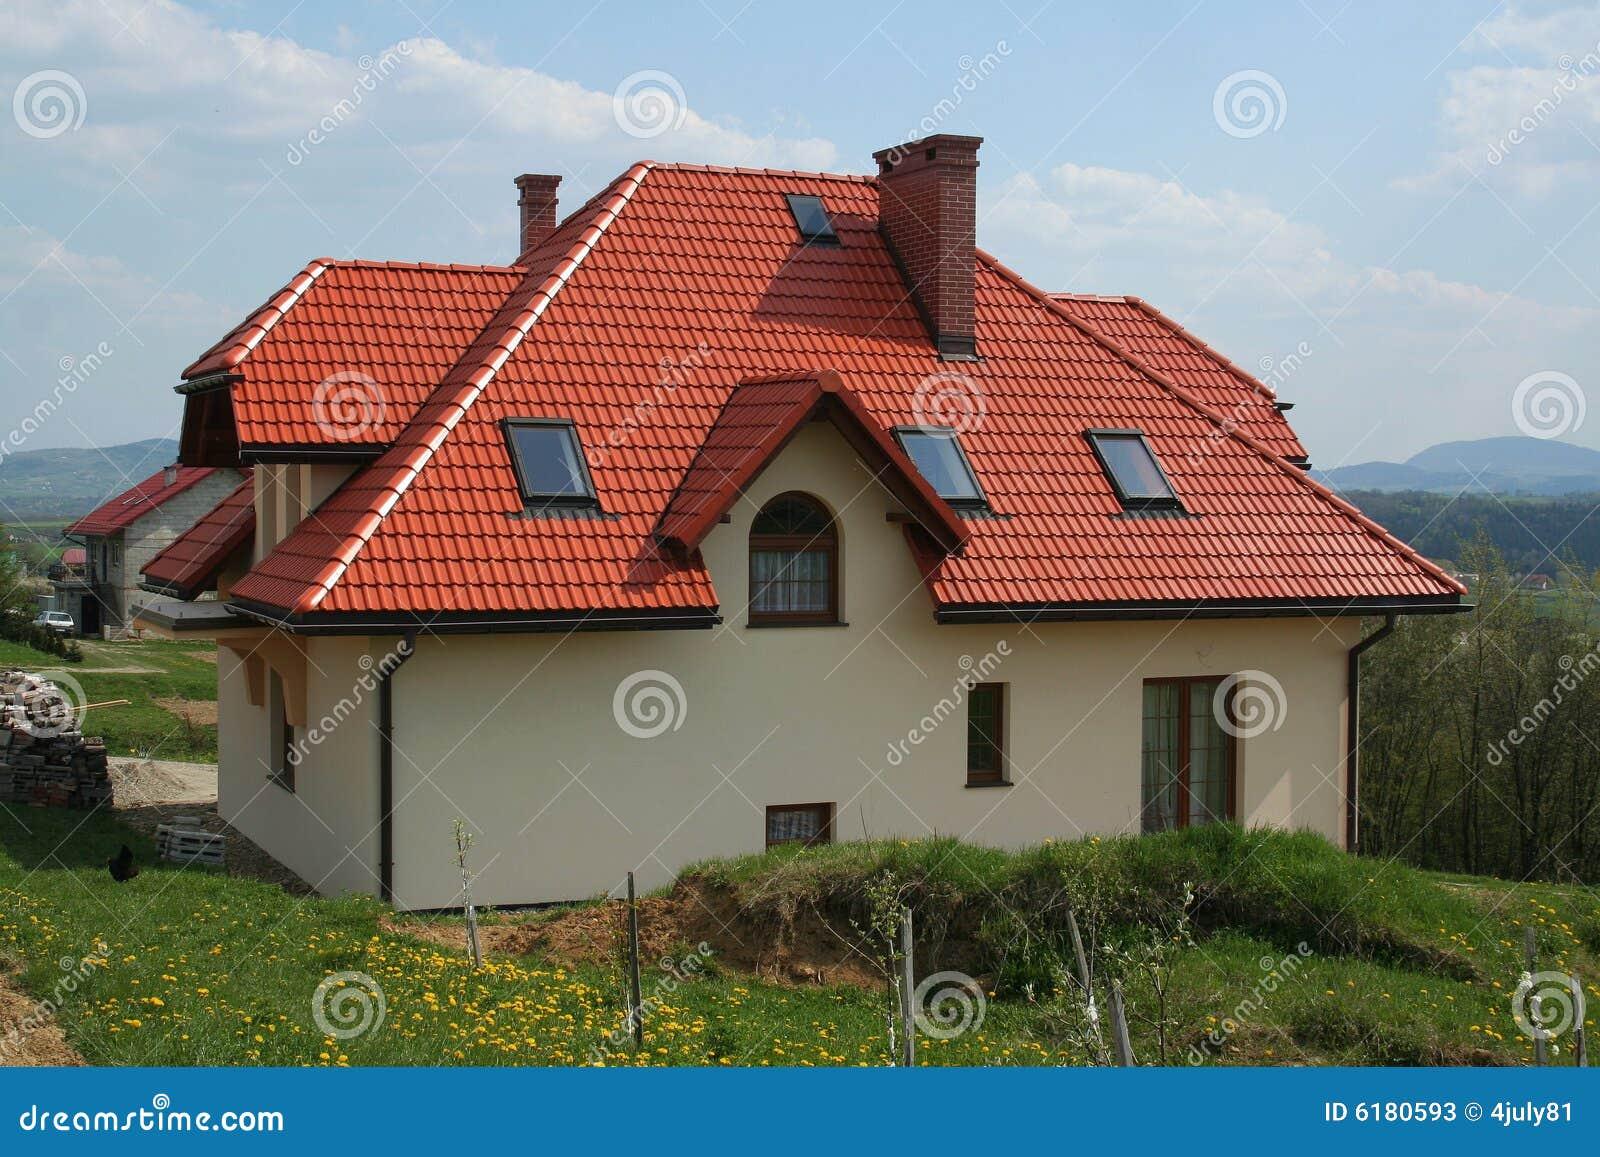 thumbs.dreamstime.com/z/maison-moderne-avec-le-toit-rouge-6180593.jpg